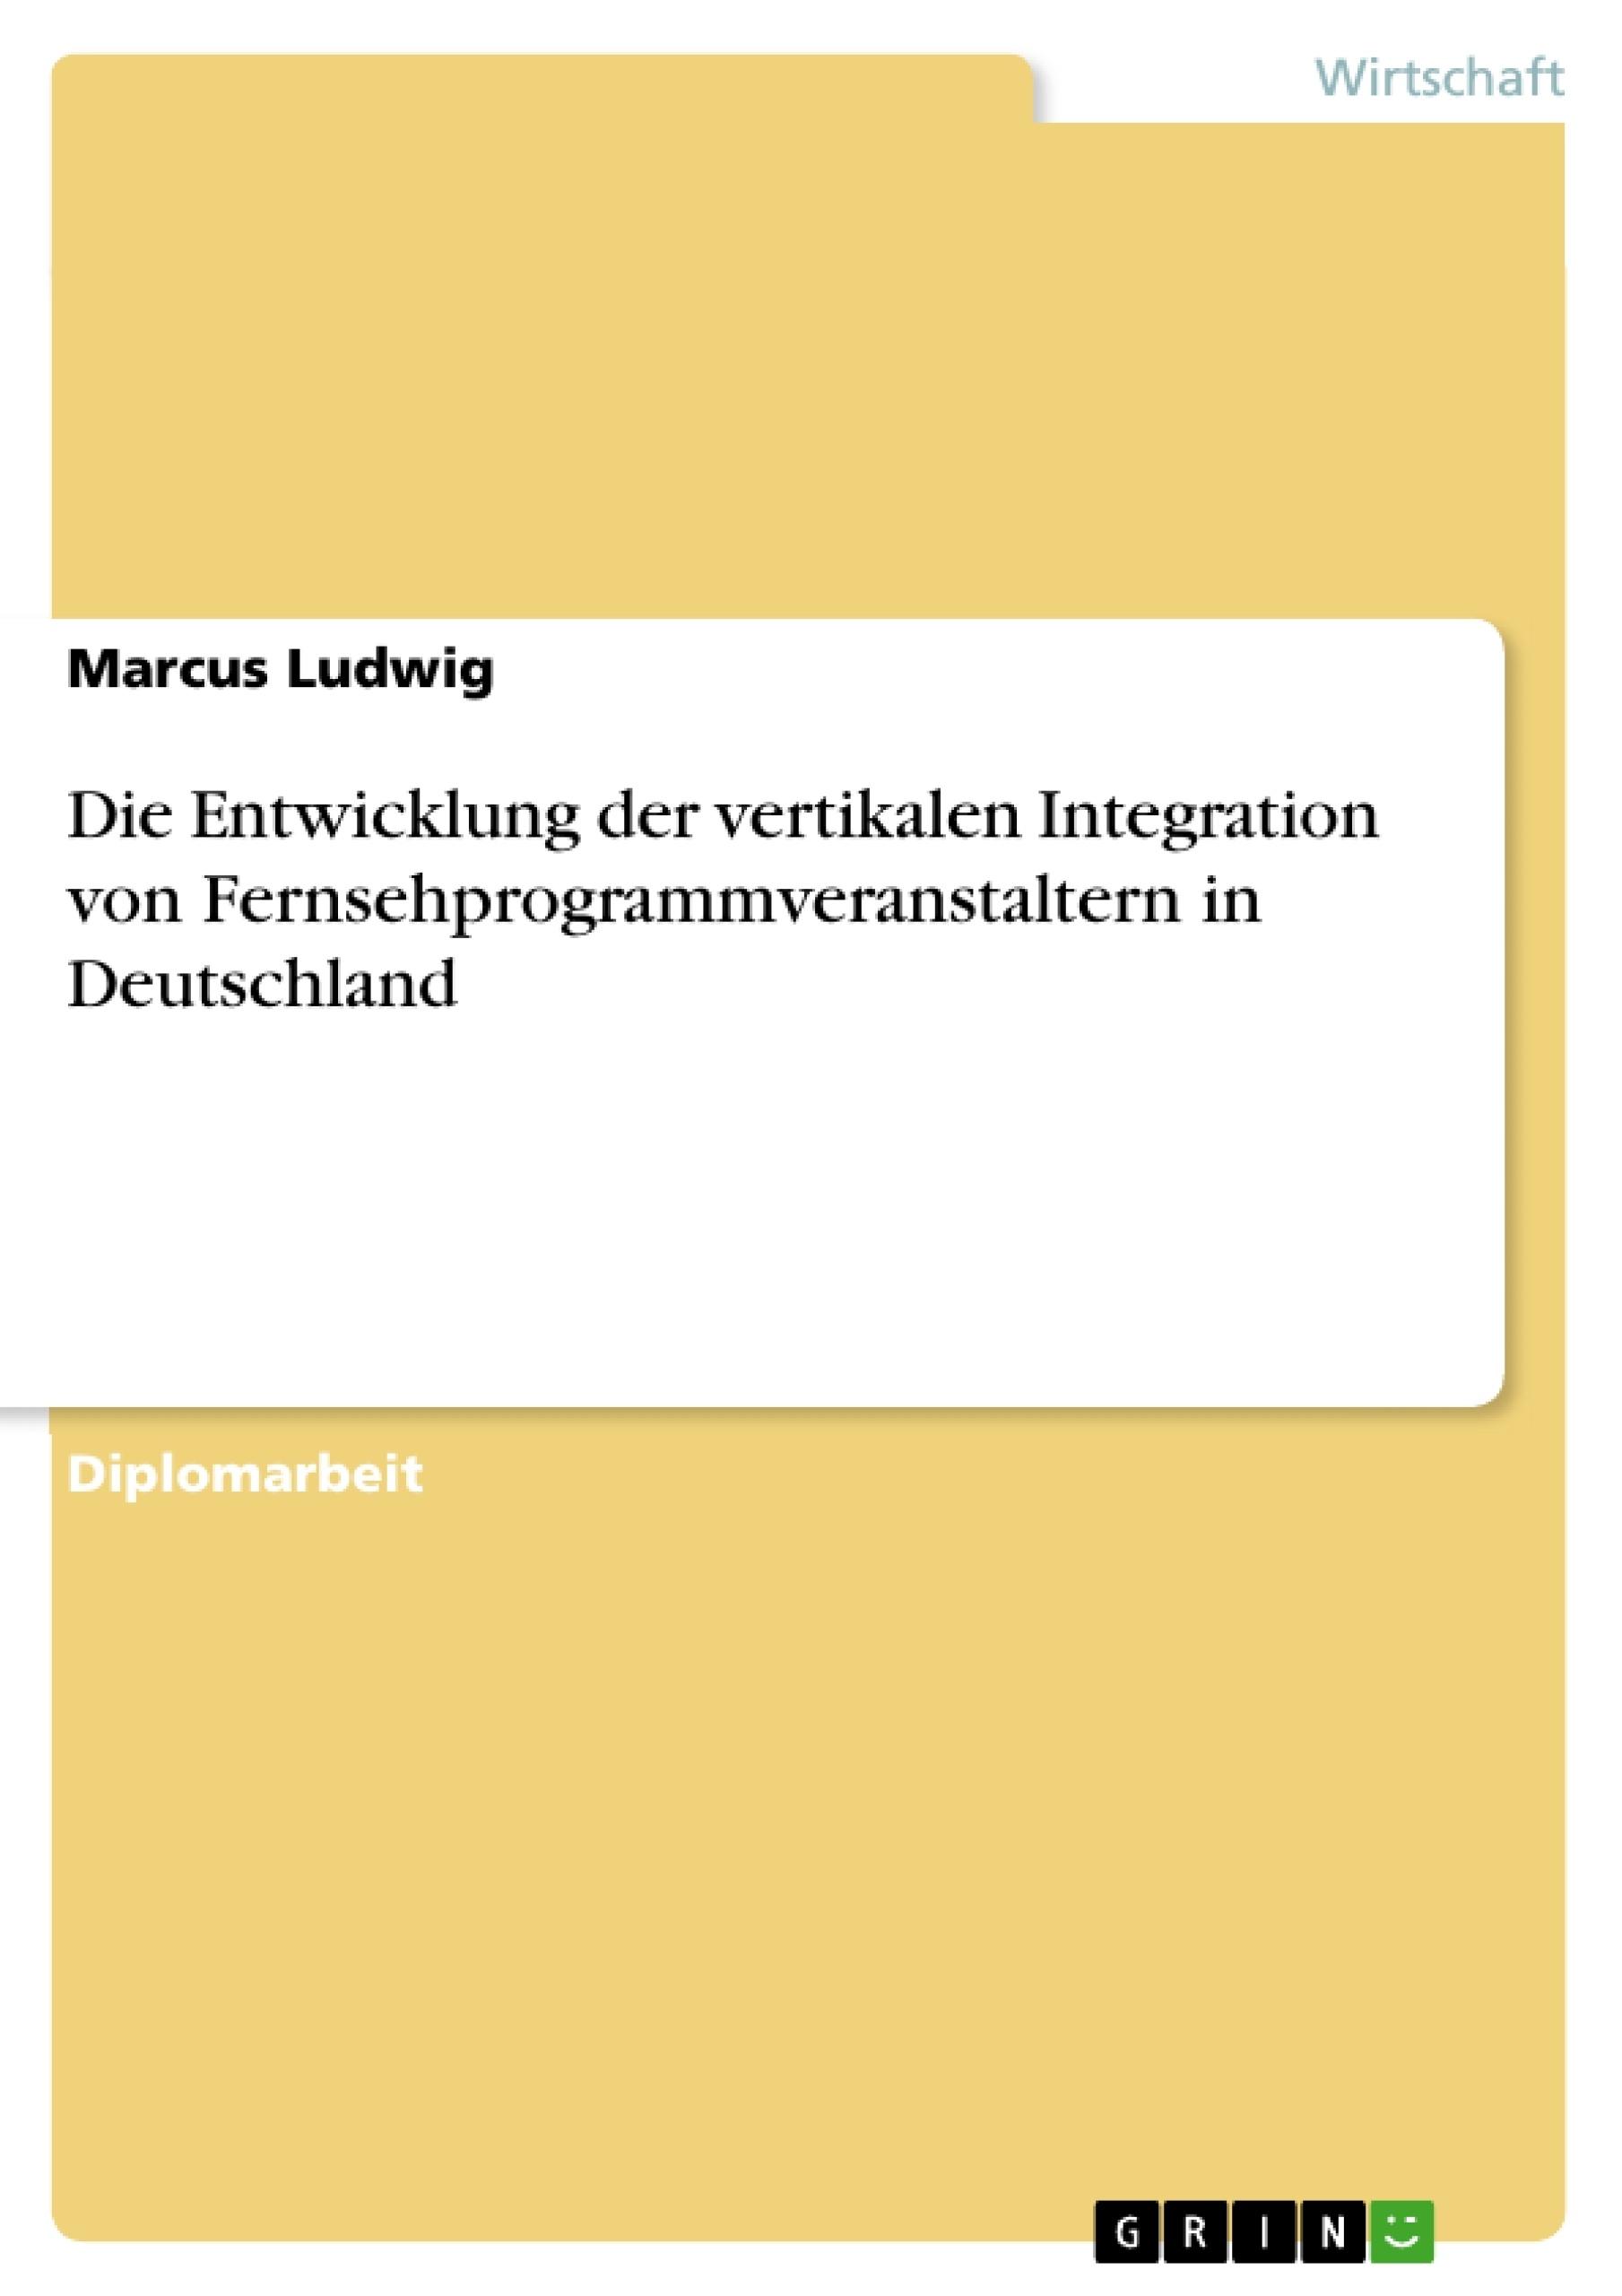 Titel: Die Entwicklung der vertikalen Integration von Fernsehprogrammveranstaltern in Deutschland